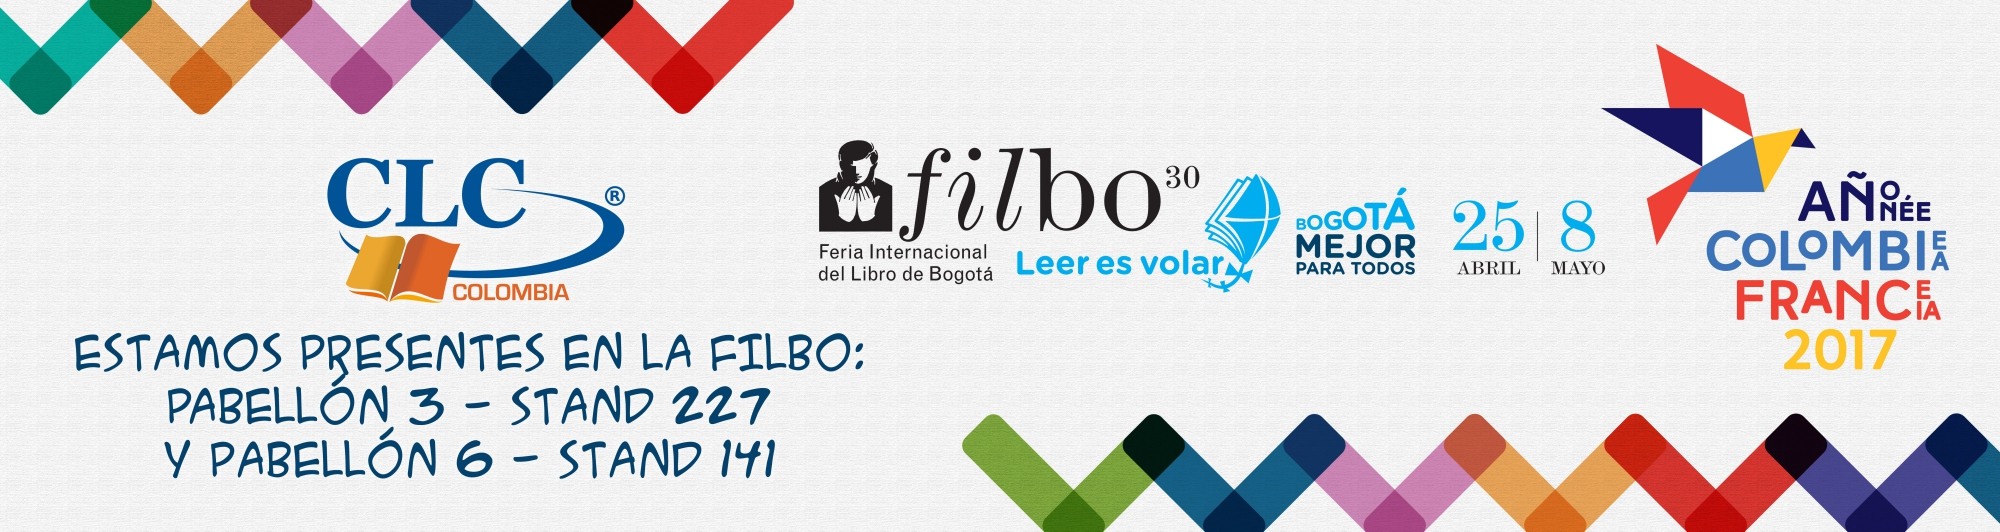 invitacion filbo 2017-03 (2)